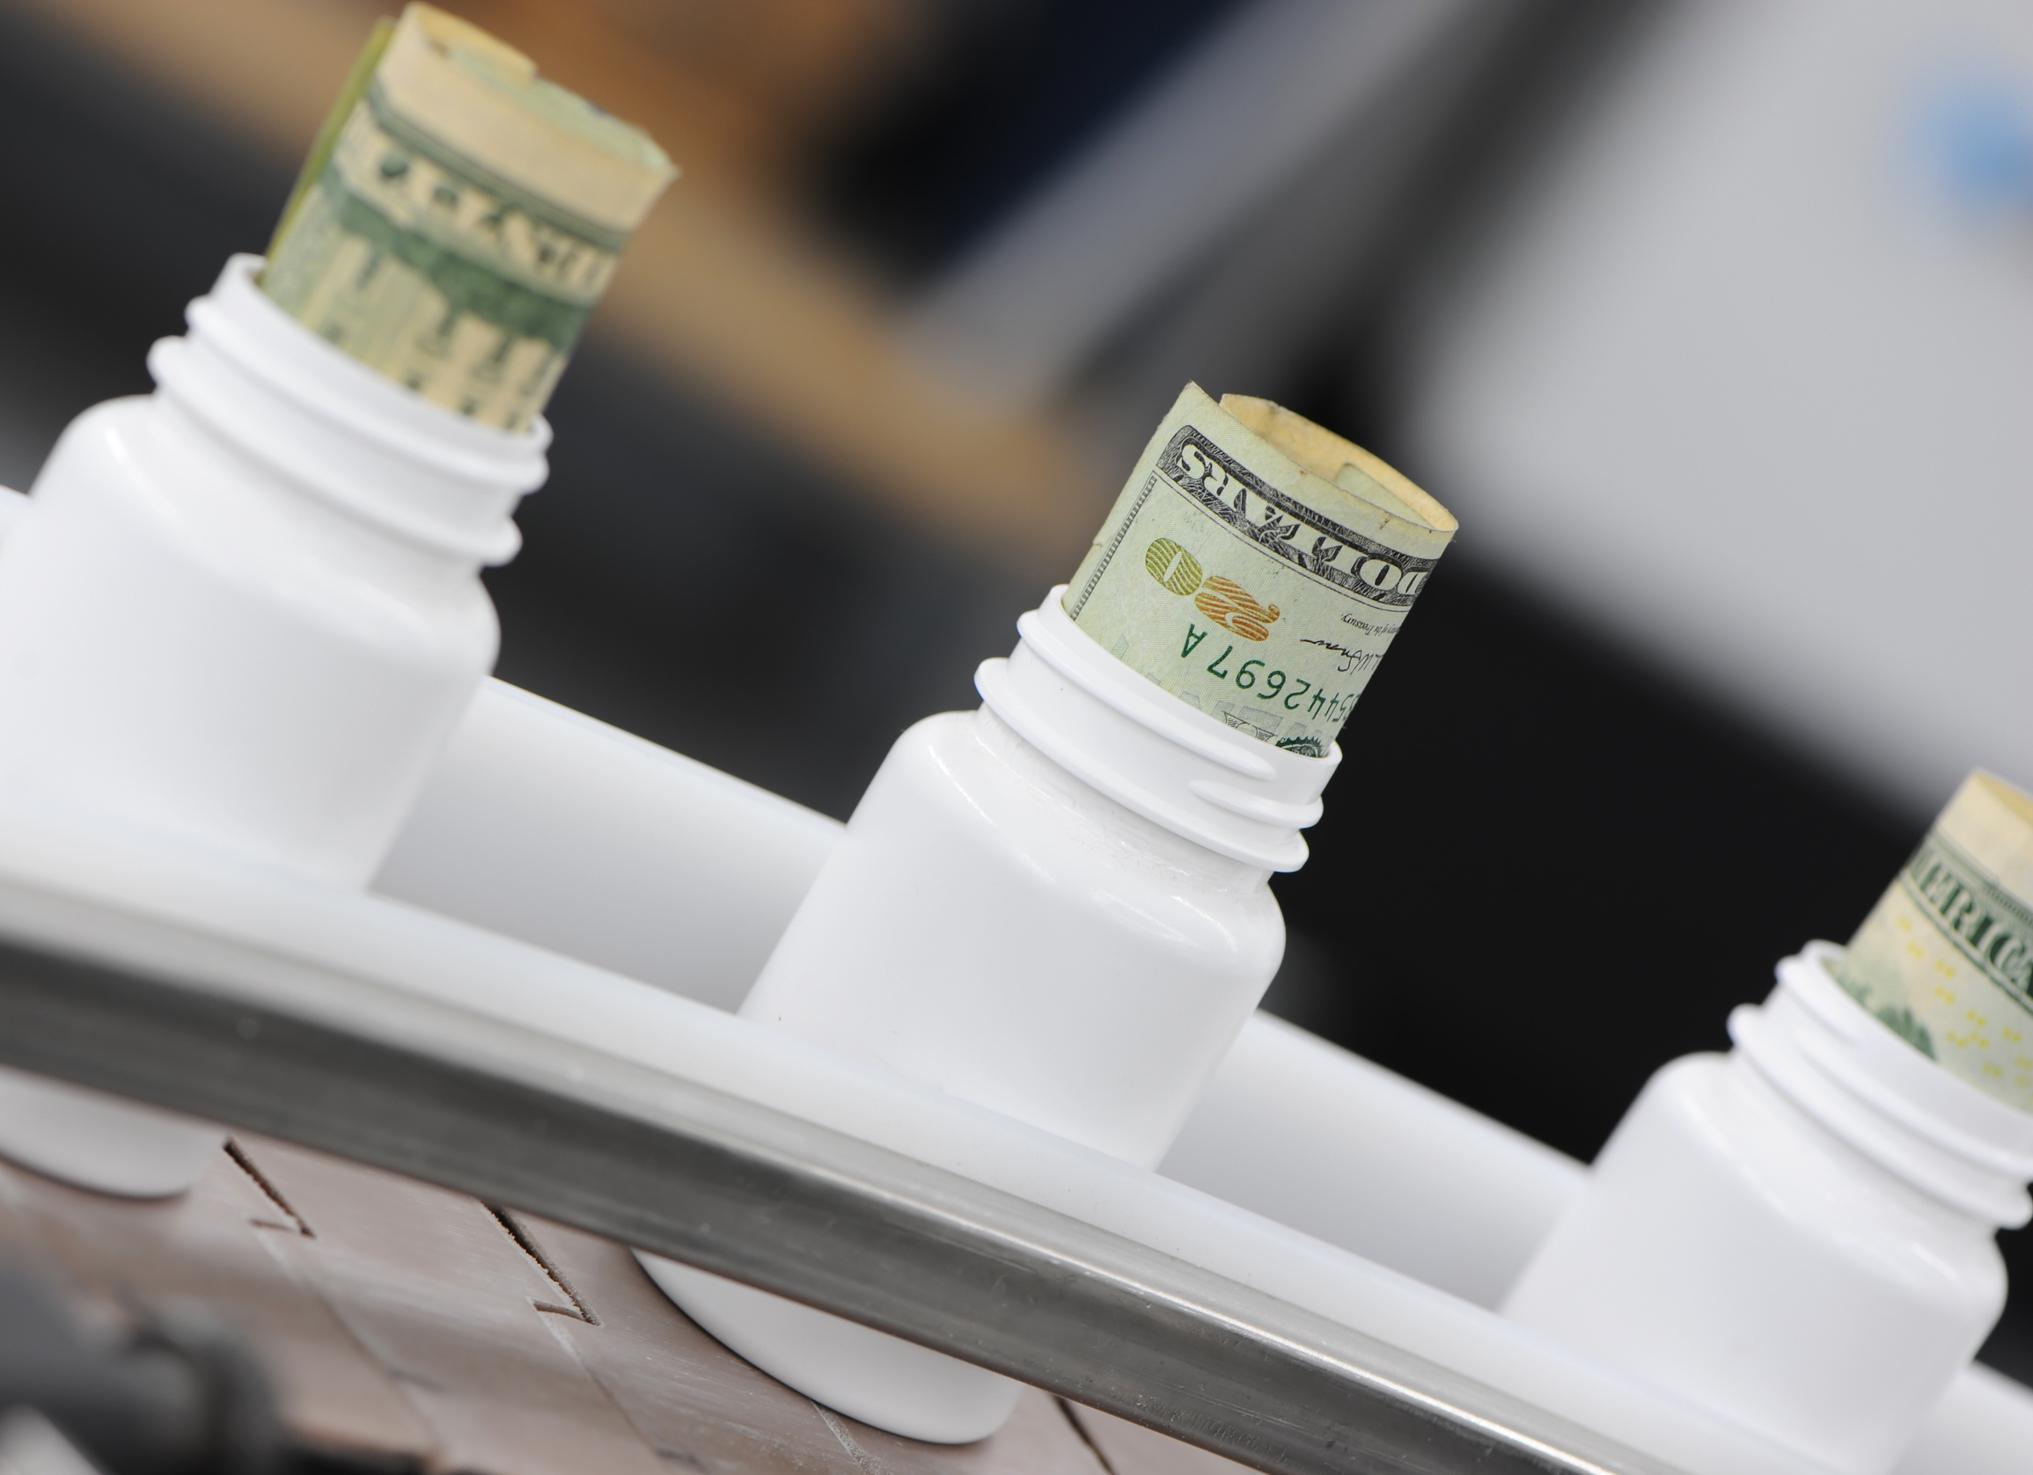 Three pill bottles on a conveyor belt with cash money stuffed inside.